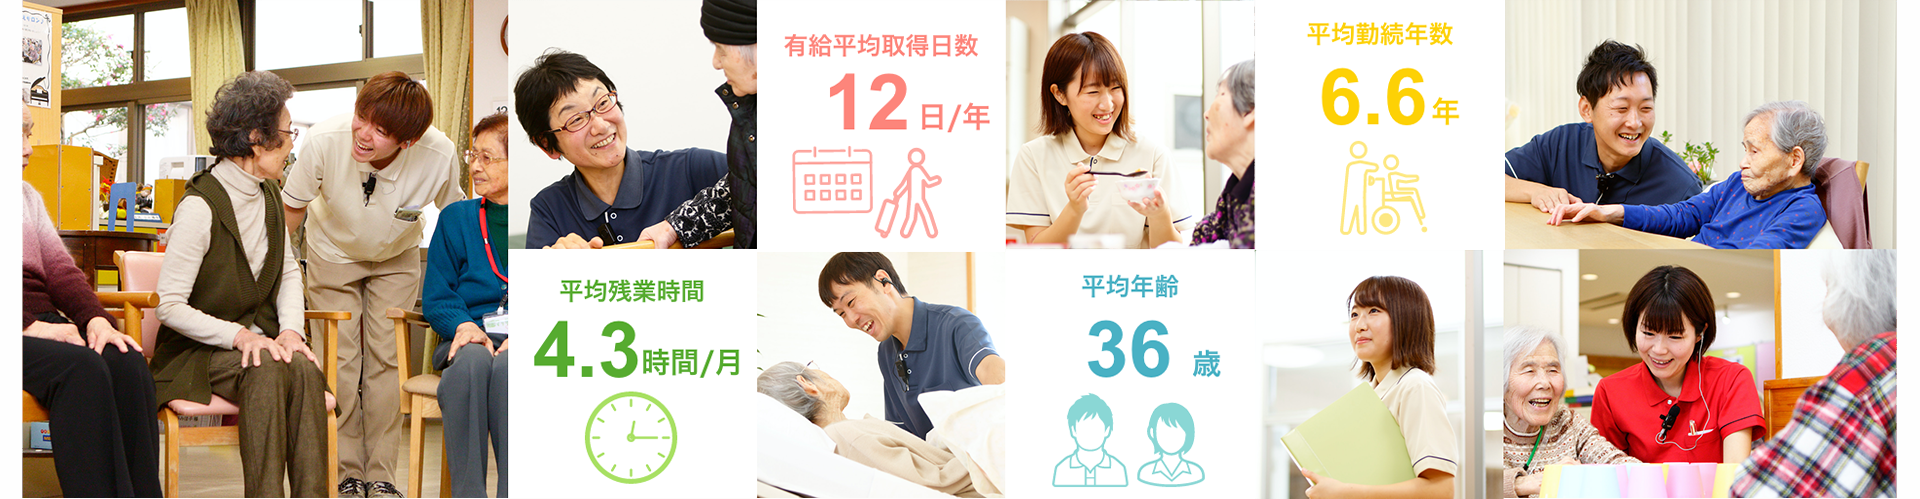 有給平均取得日数12日/年 平均勤続年数5.9年 平均残業時間7時間/月 平均年齢35.5歳